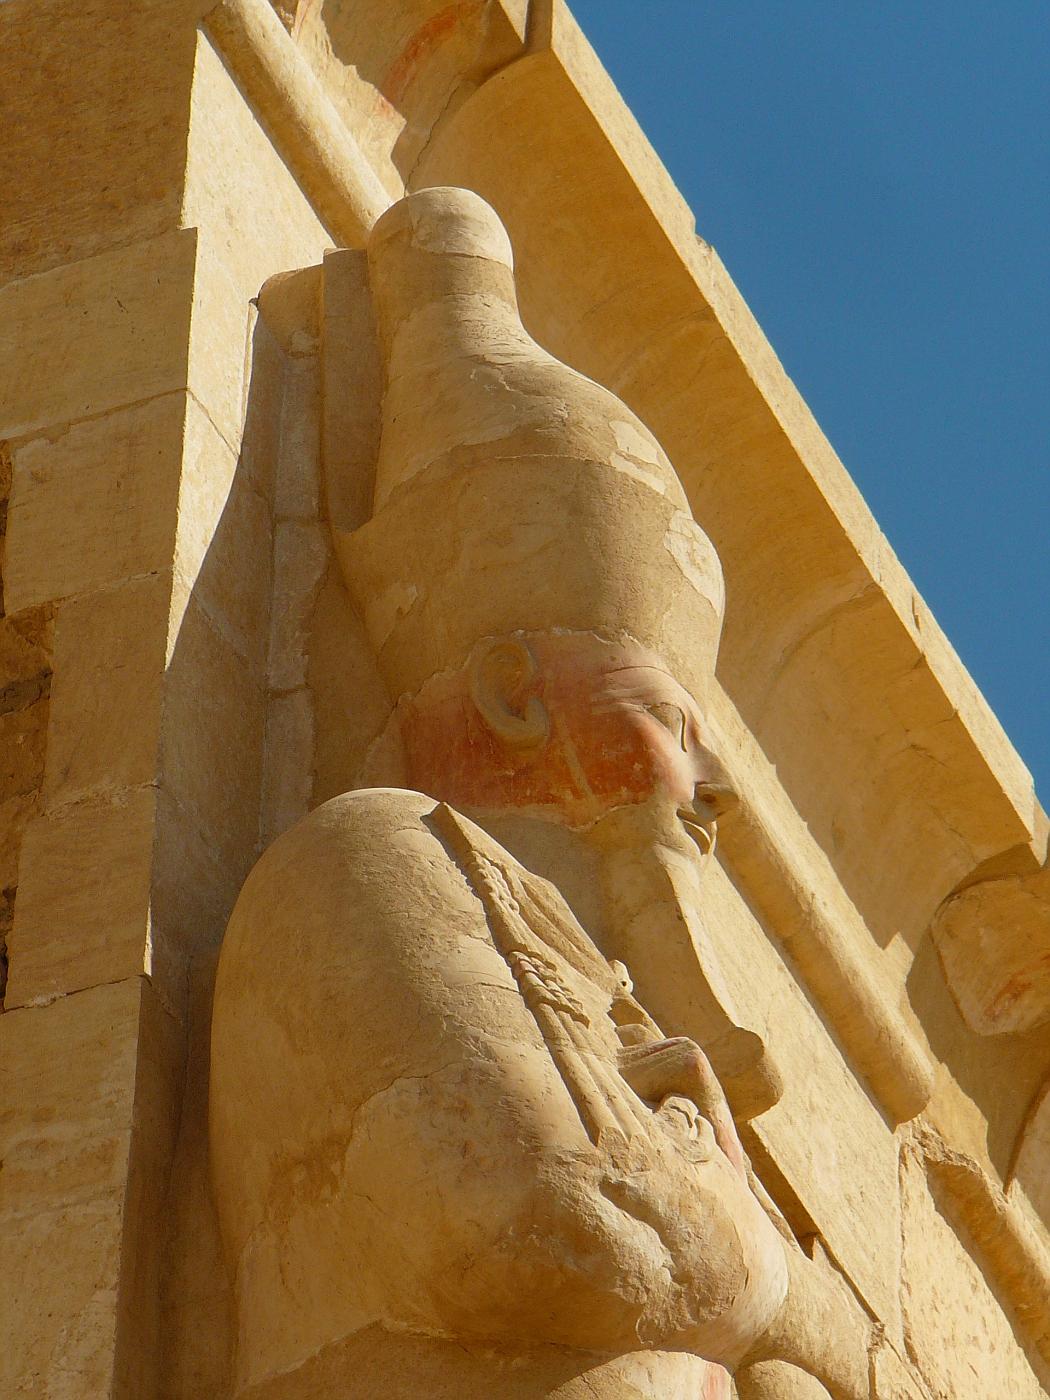 Hatshepsut Portrayed as a King